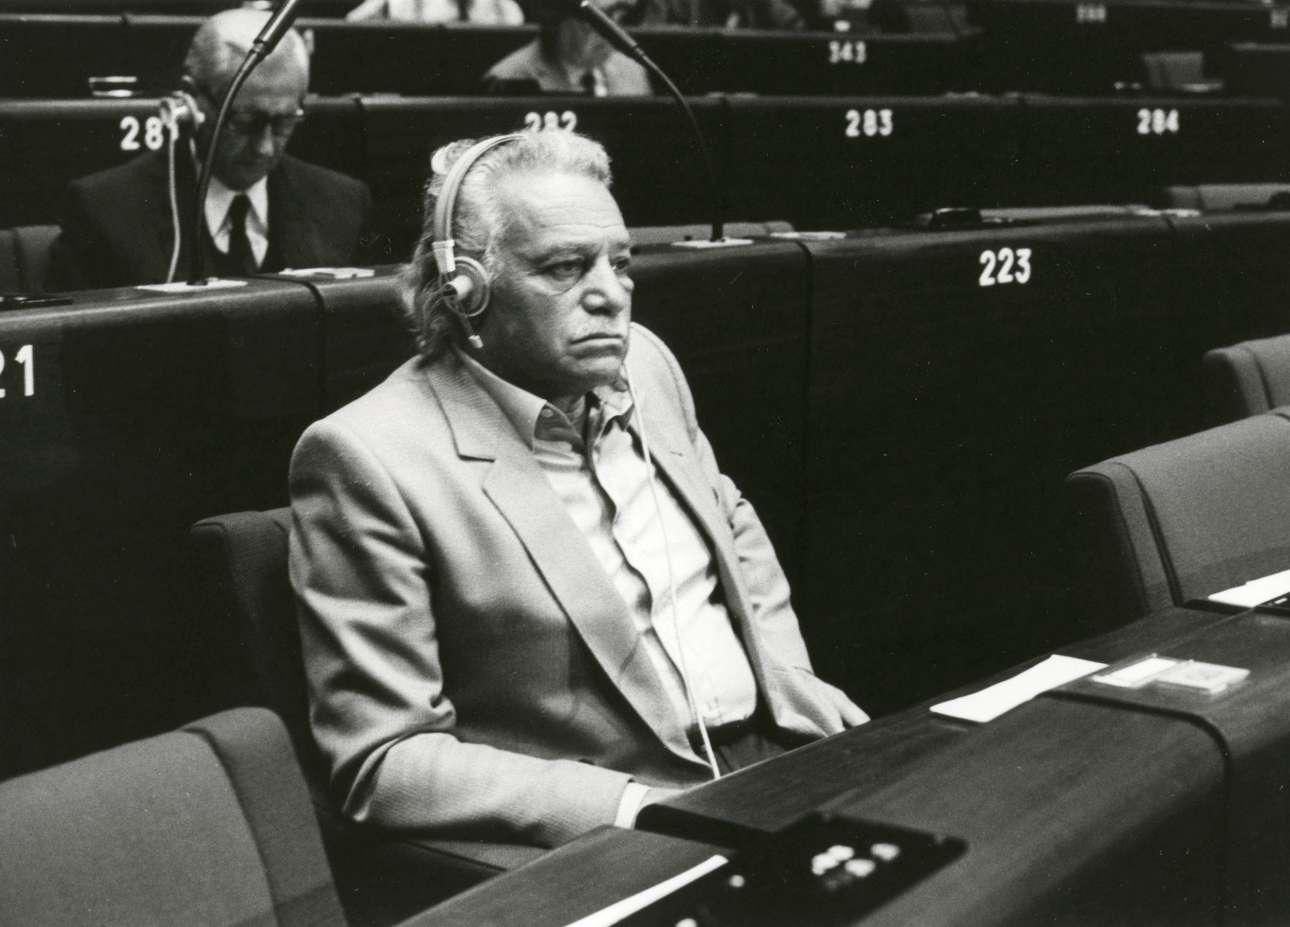 Σεπτέμβριος 1984. Σε συνεδρίαση της ολομελείας του Ευρωκοινοβουλίου